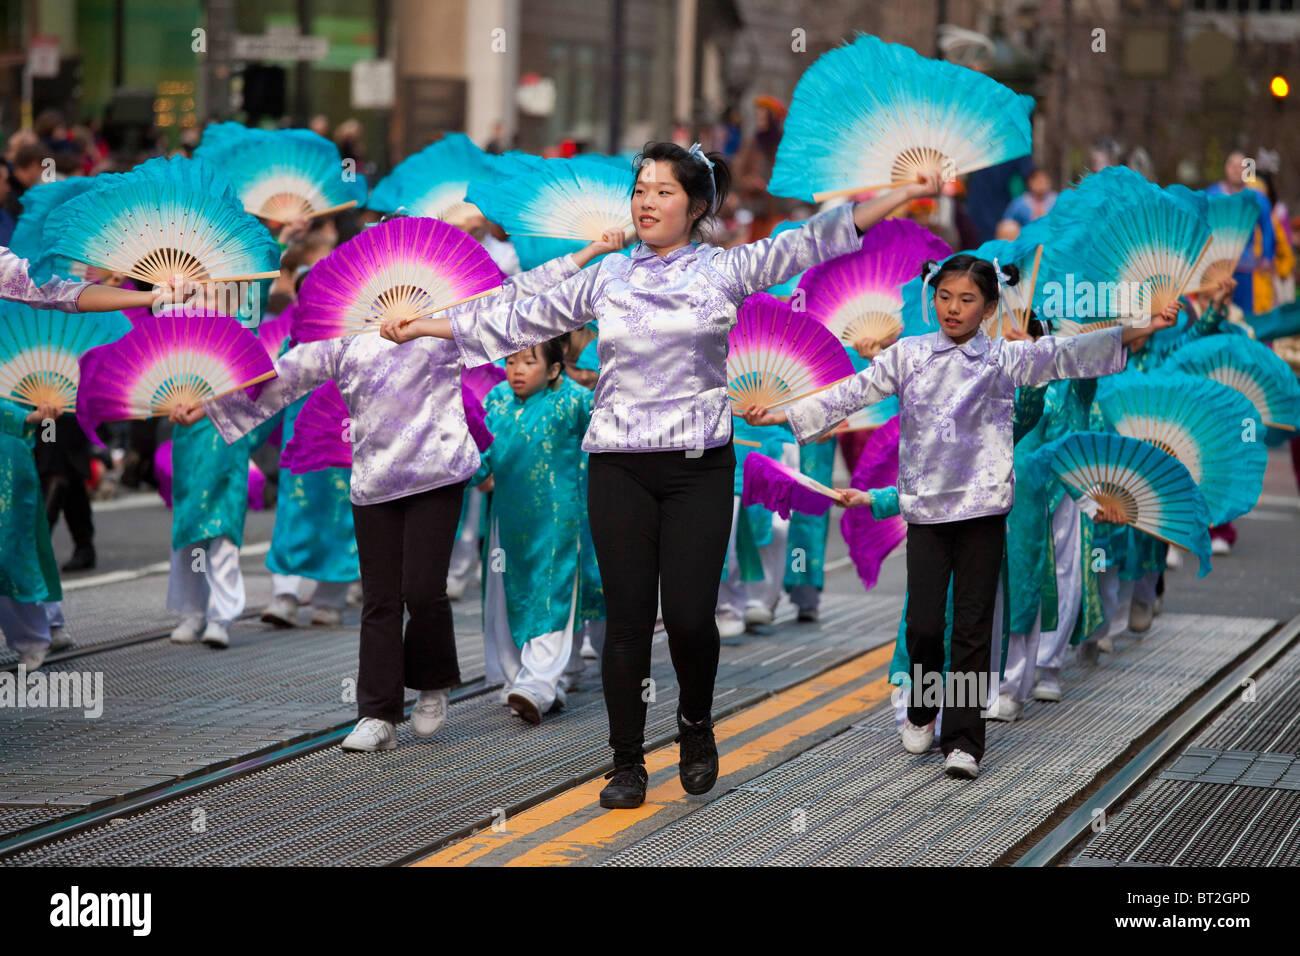 Donna cinese leader di un gruppo di bambini in le prestazioni della ventola durante il Nuovo Anno Cinese parade Immagini Stock